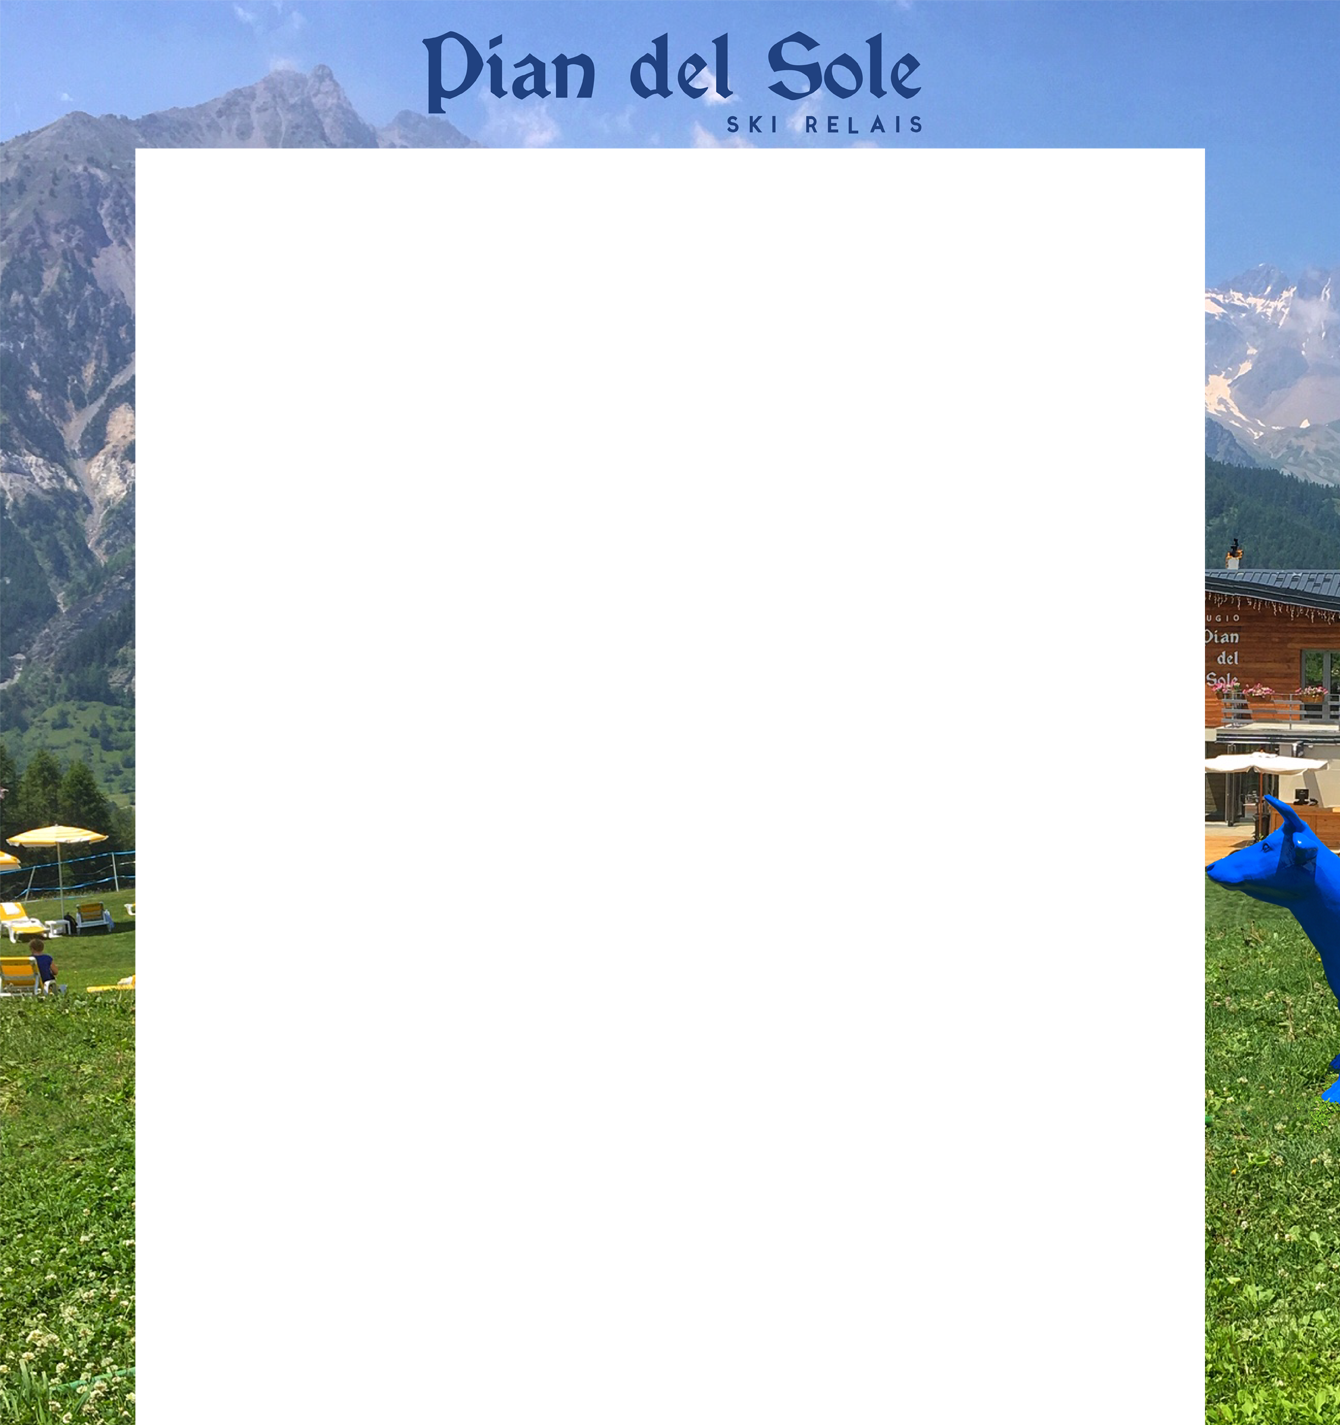 PIAN DEL SOLE 1